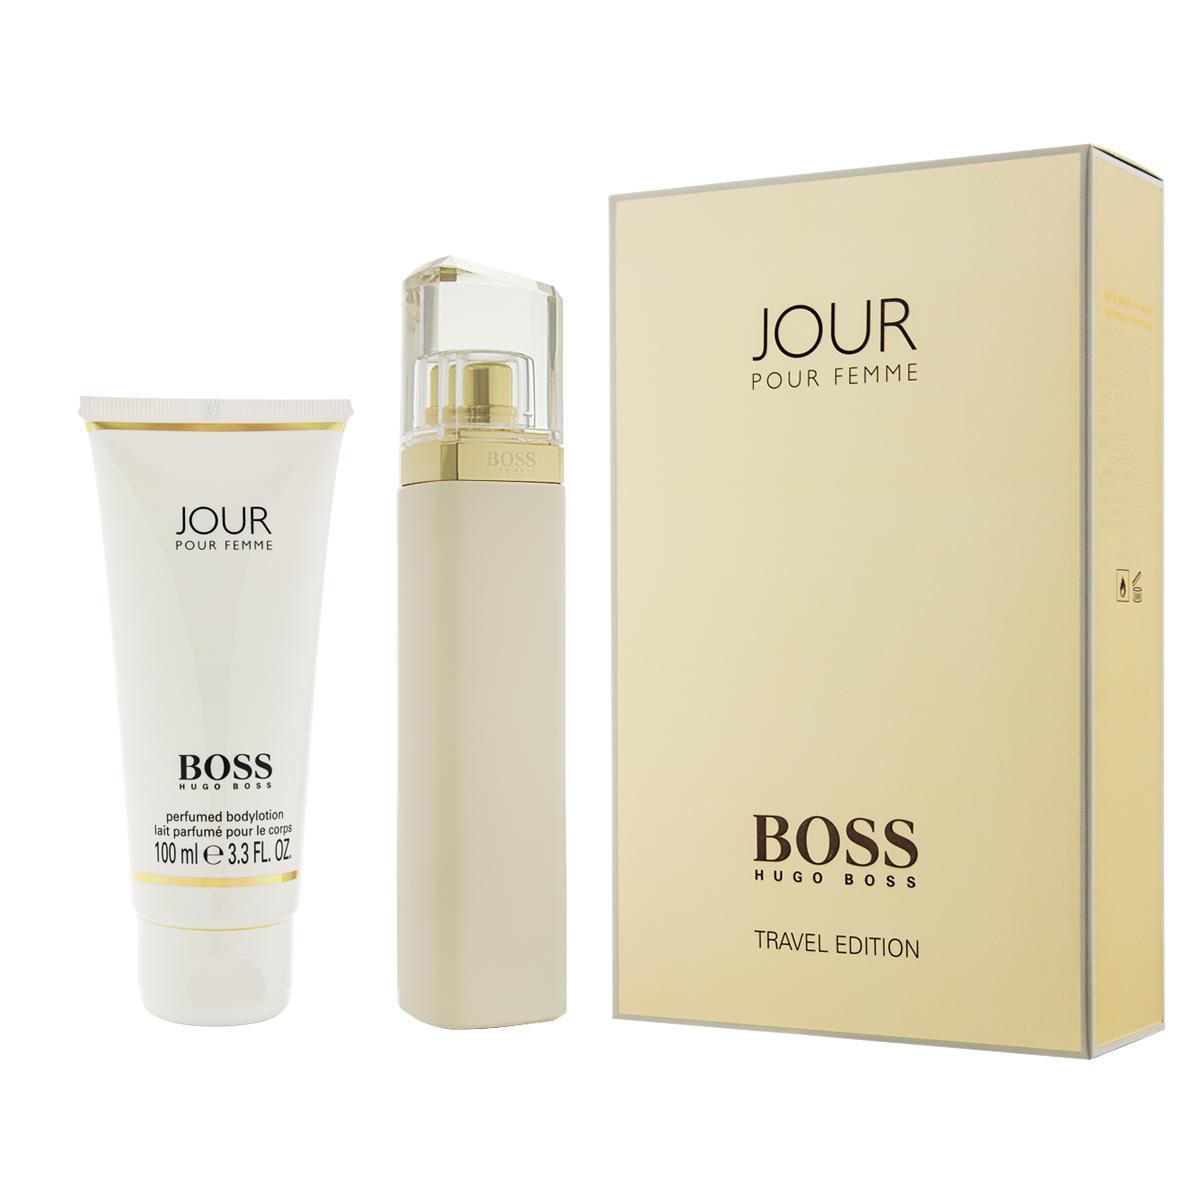 Hugo Boss Jour Pour Femme EDP 75 ml + BL 100 ml W